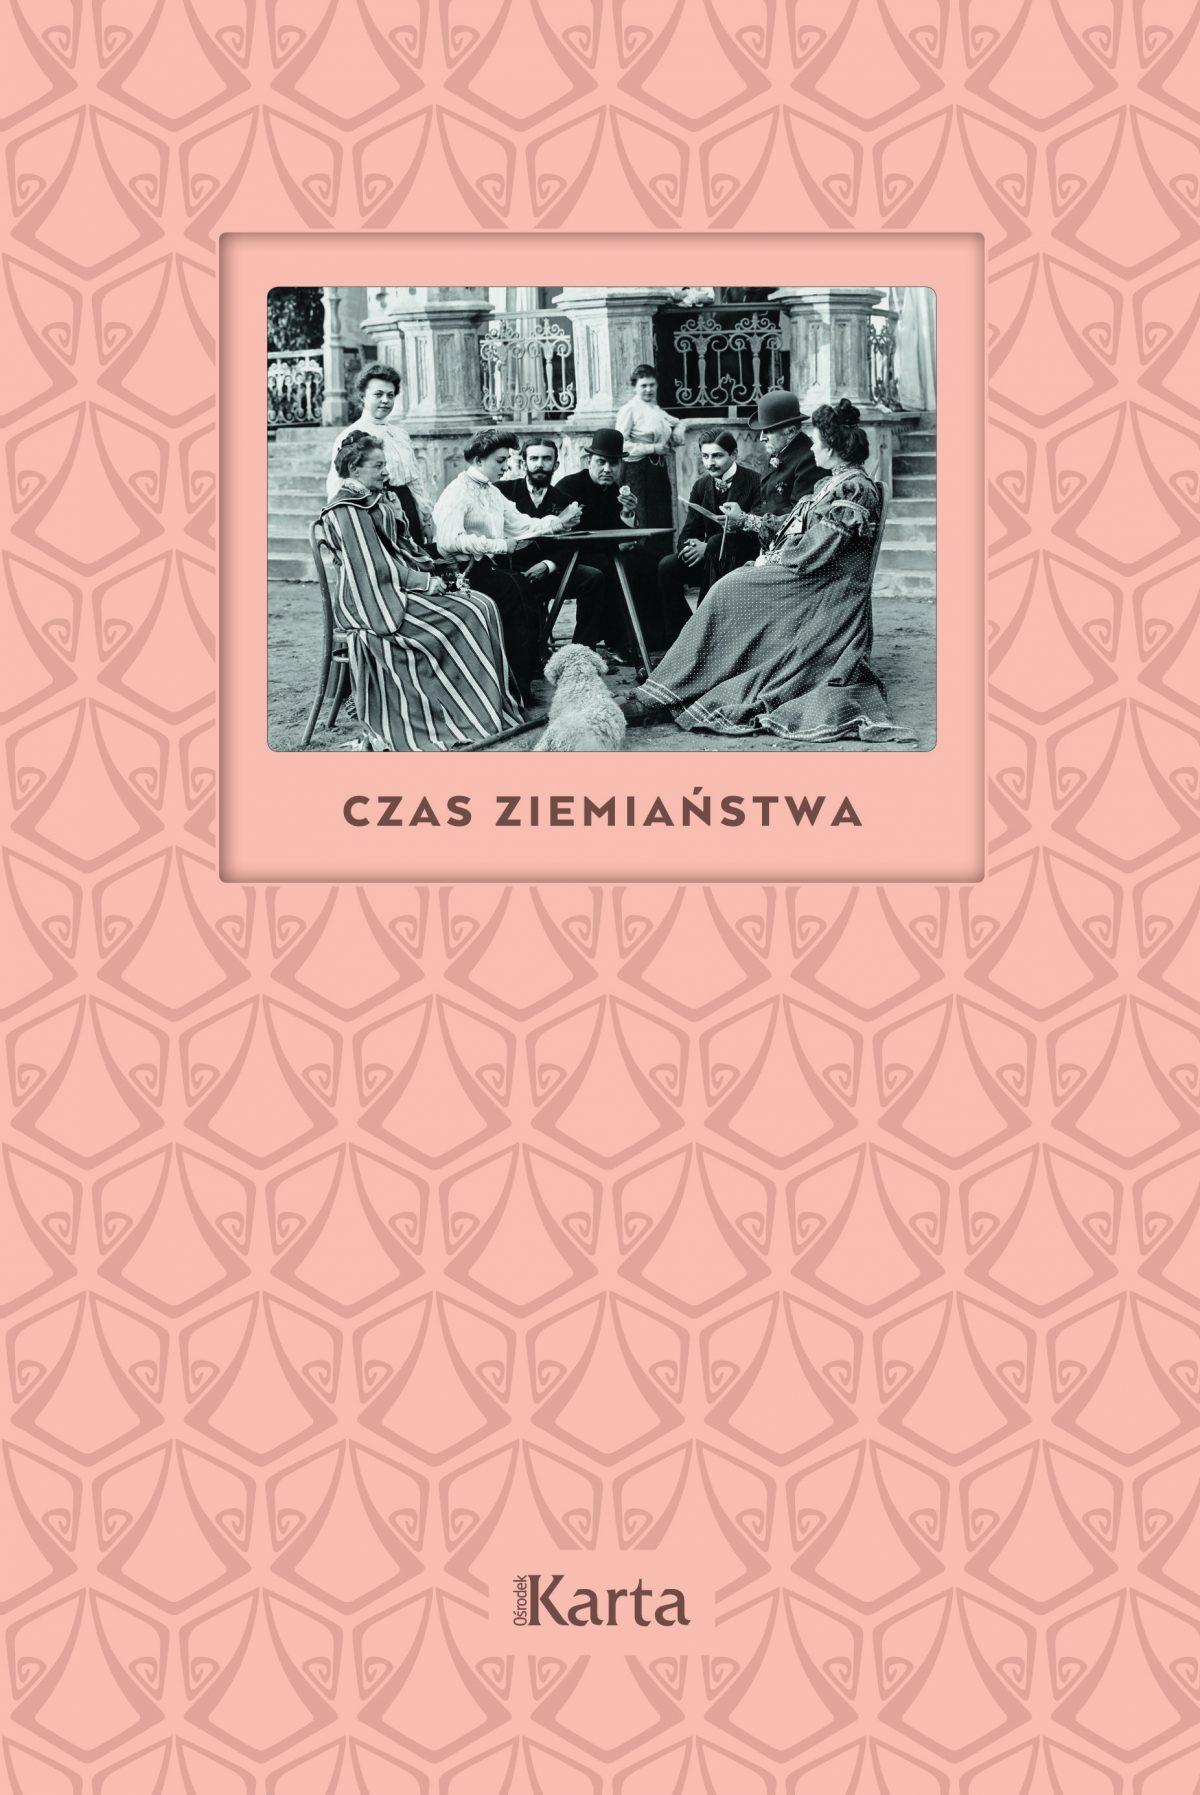 Książka z kategorii Albumy: CZAS_ZIEMIANSTWA-_okladka-CMYK